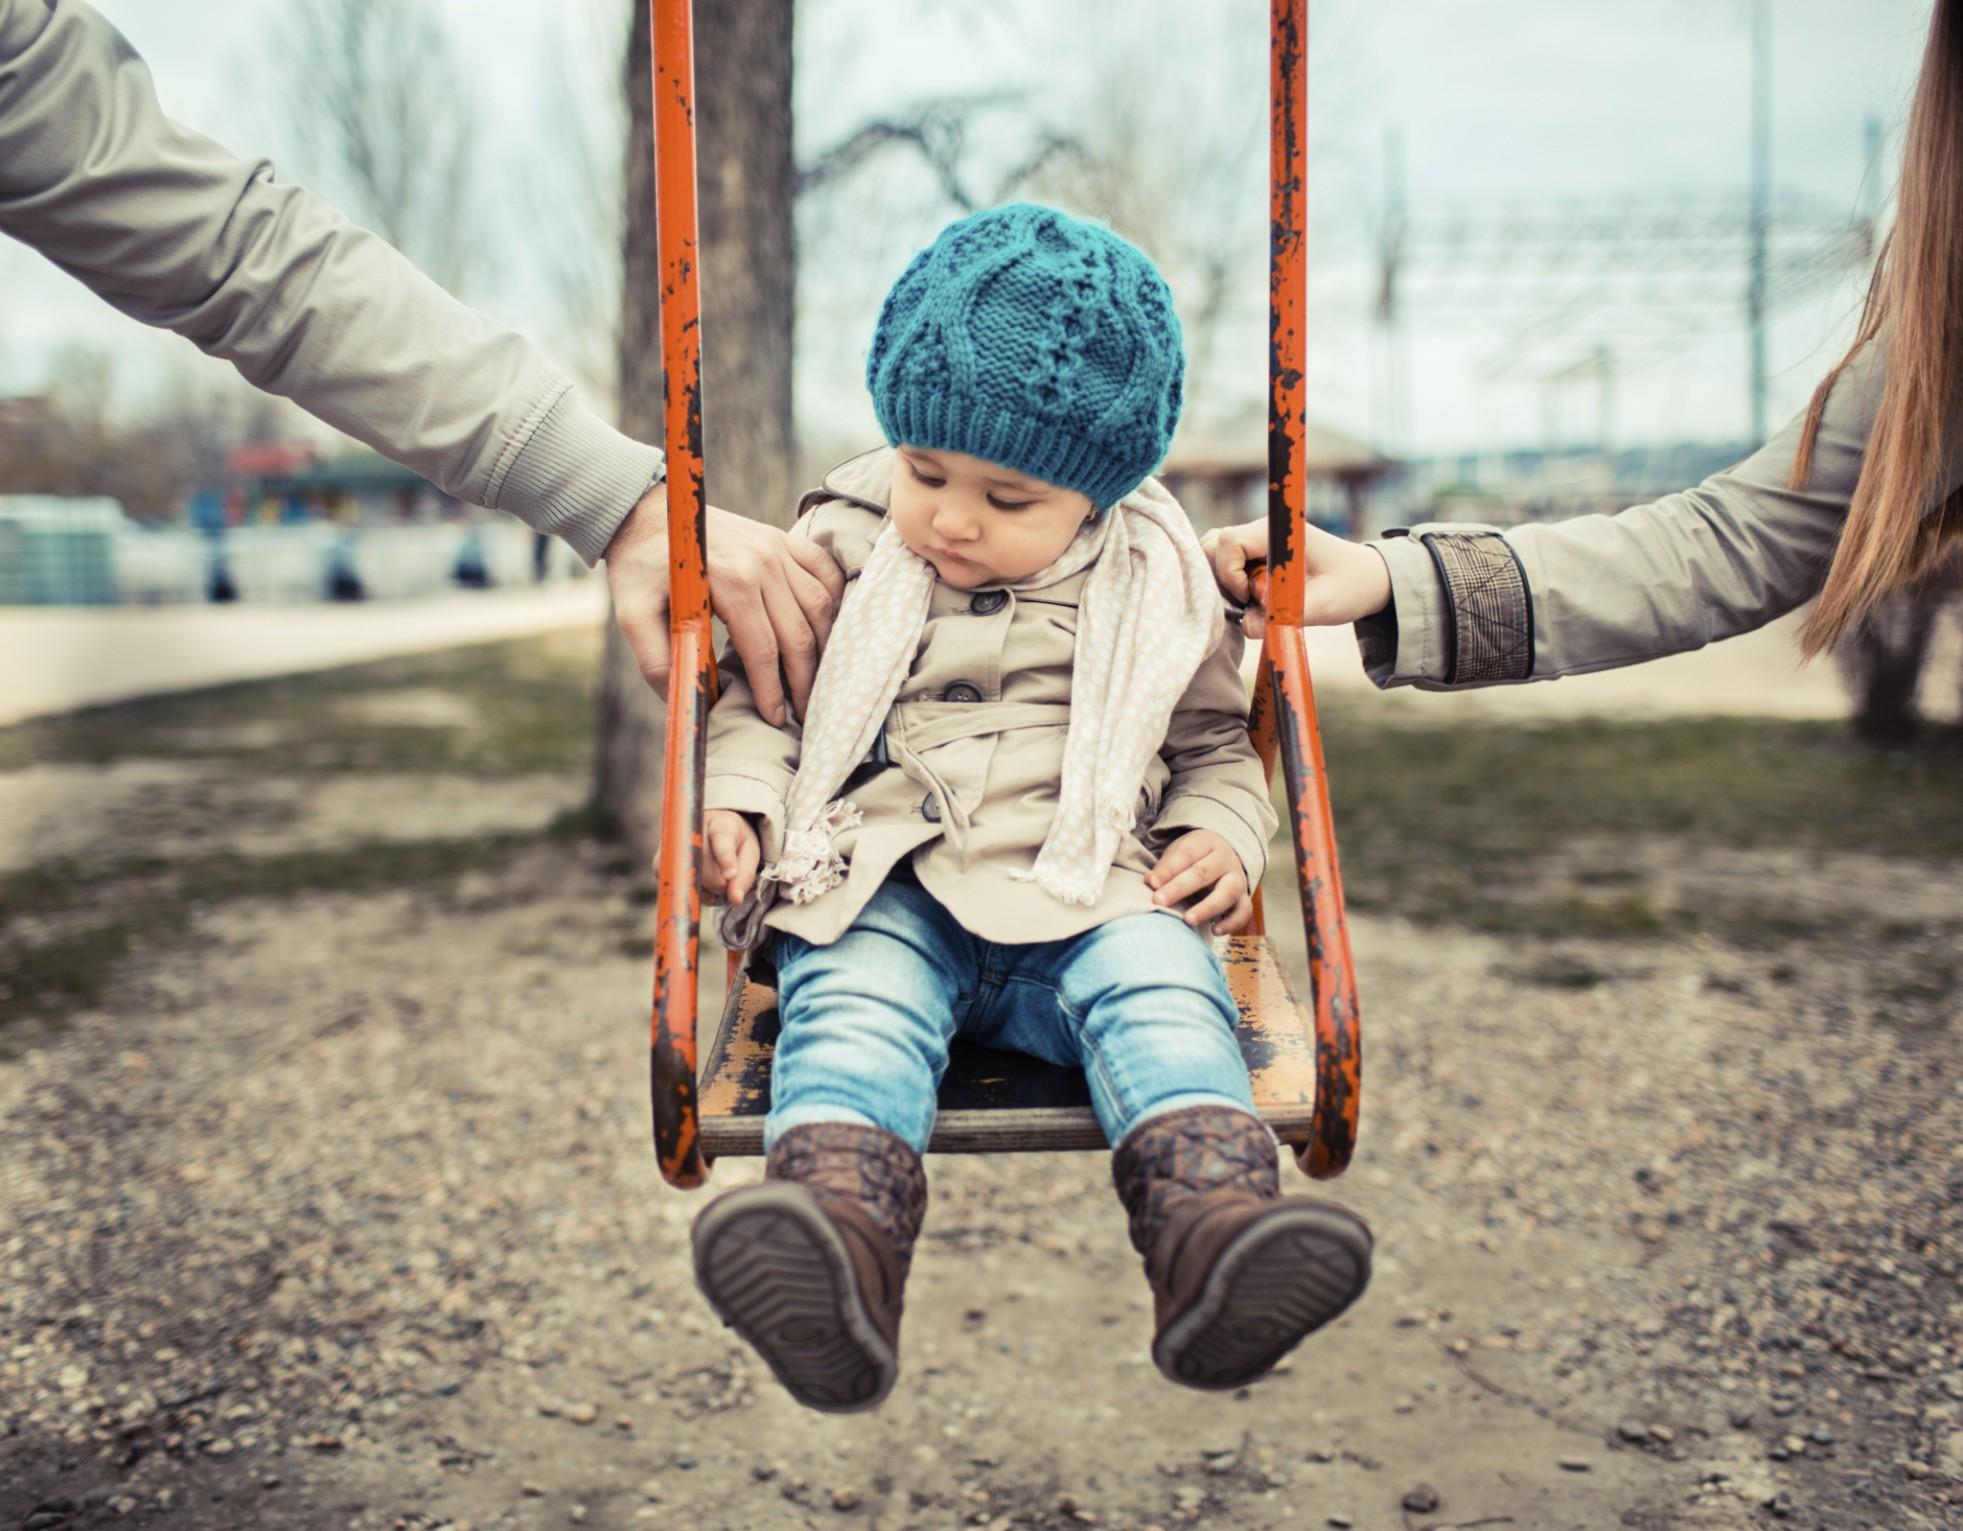 separaçao; pais; divórcio; filhos; guarda compartilhada (Foto: Thinkstock)